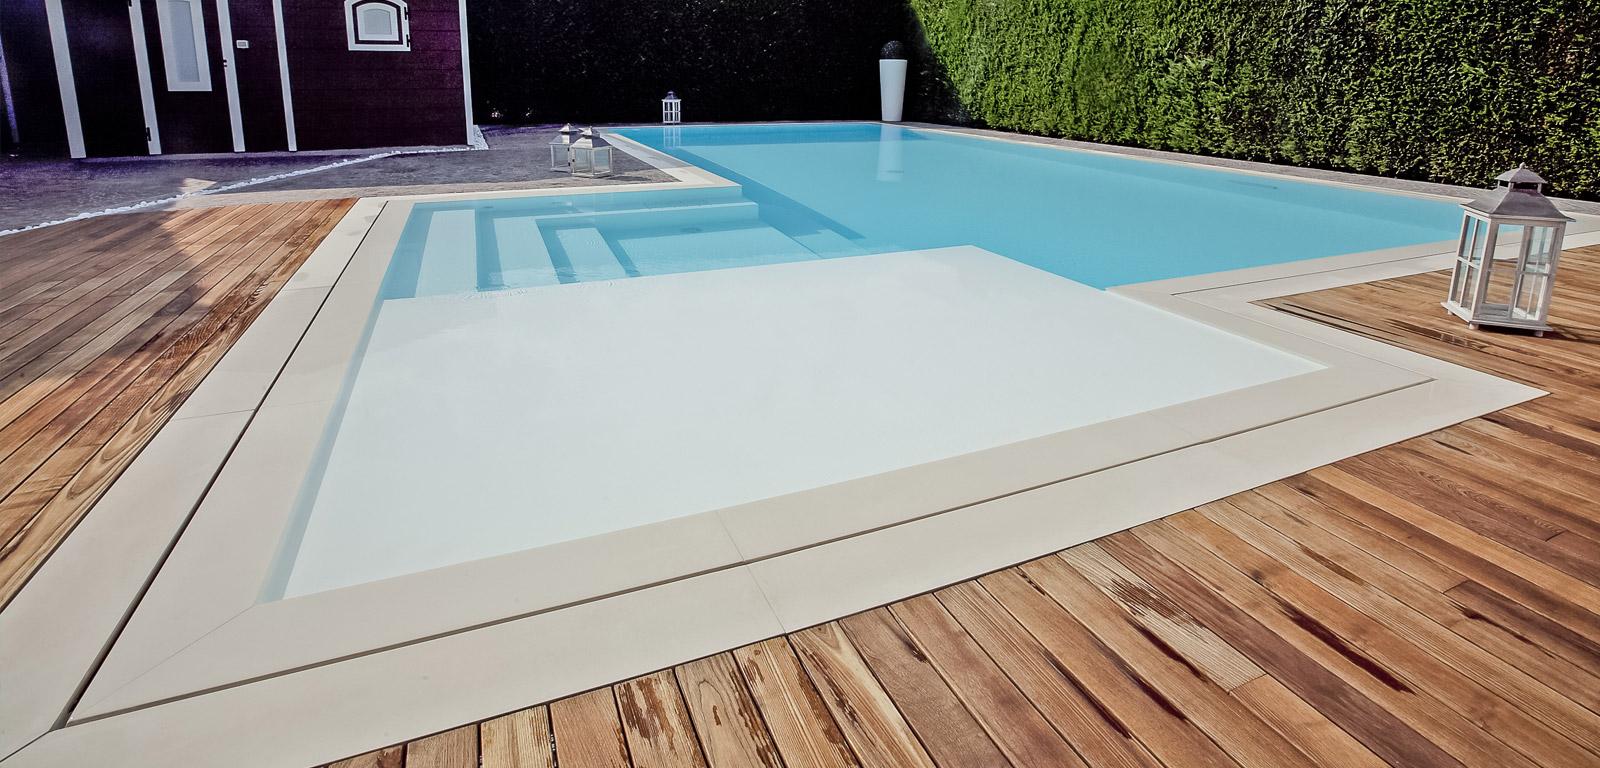 Tappetino softwalk per piscine piscine castiglione - Piscine subito it ...